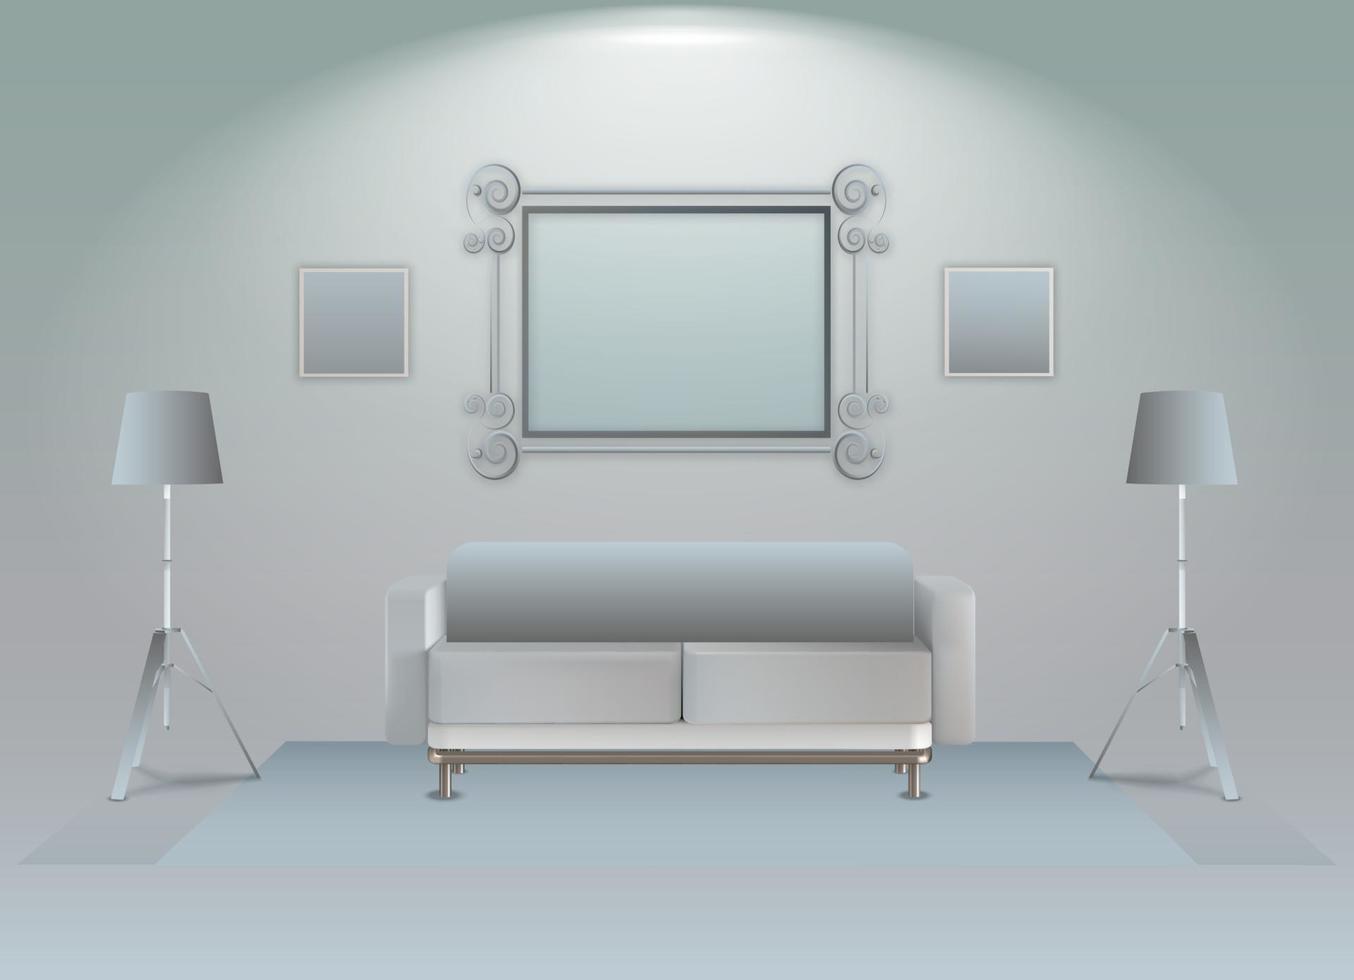 ilustration grafische vector van realistisch wandspiegel interieur